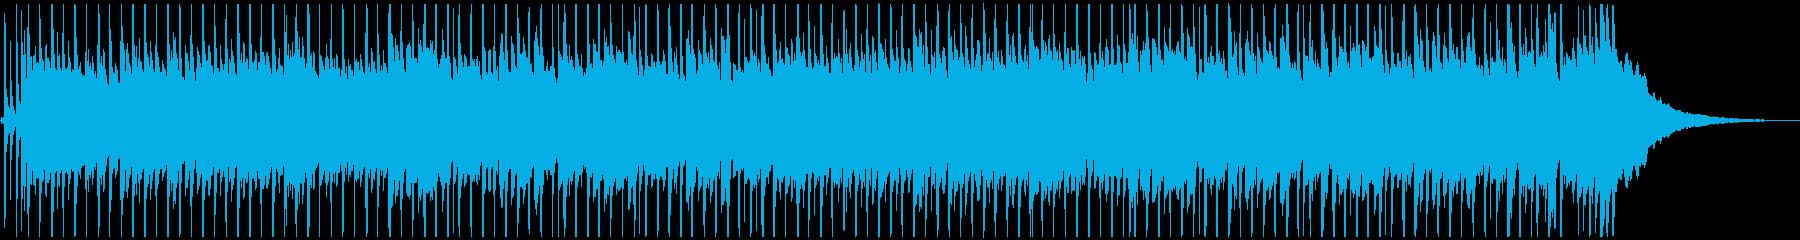 【映像向け】爽やかギターBGM_02の再生済みの波形